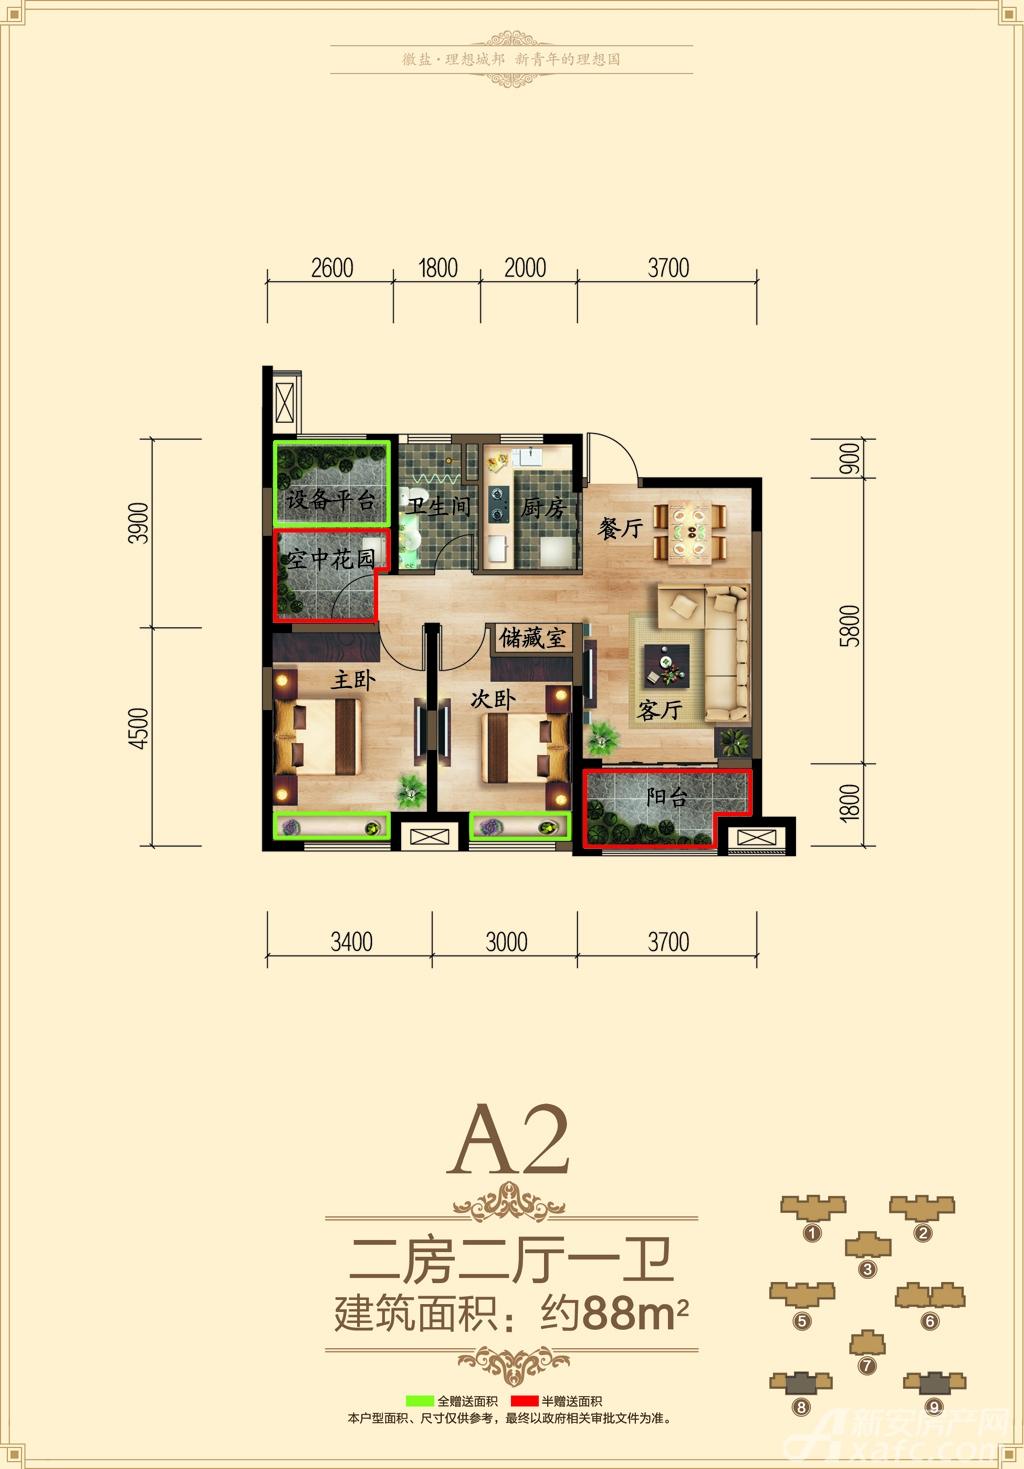 徽盐世纪广场A2户型2室2厅88平米